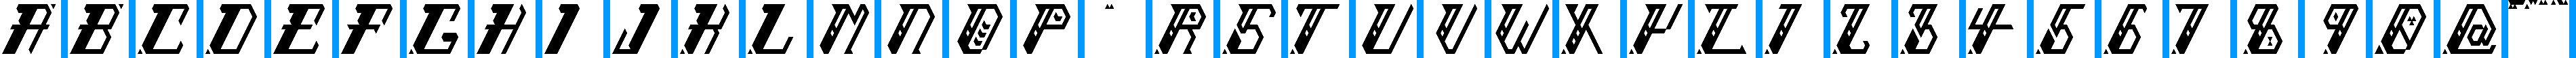 Particip-a-type v.287